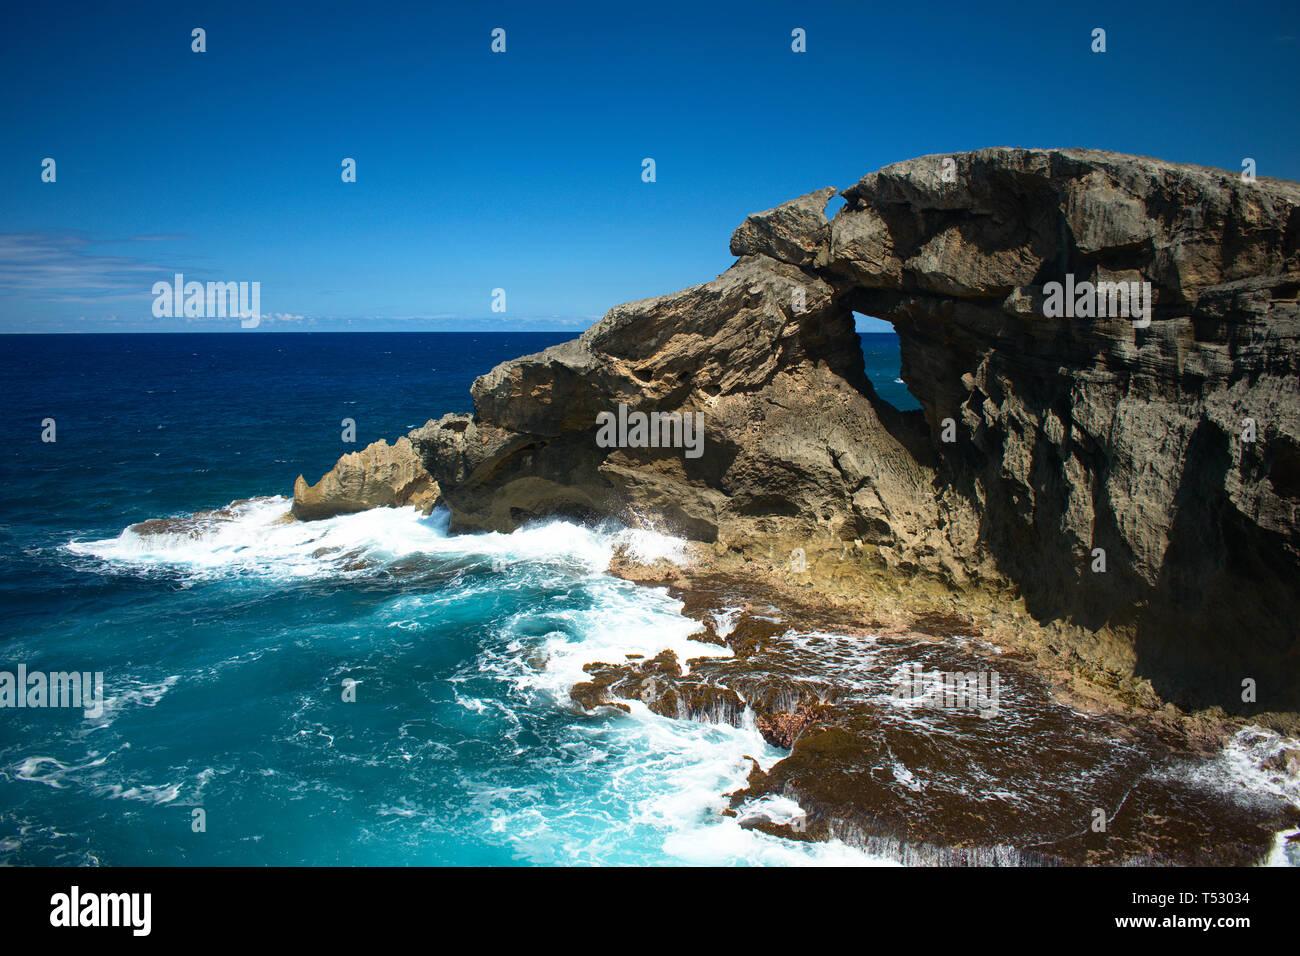 Arecibo Coast, Puerto Rico - Stock Image